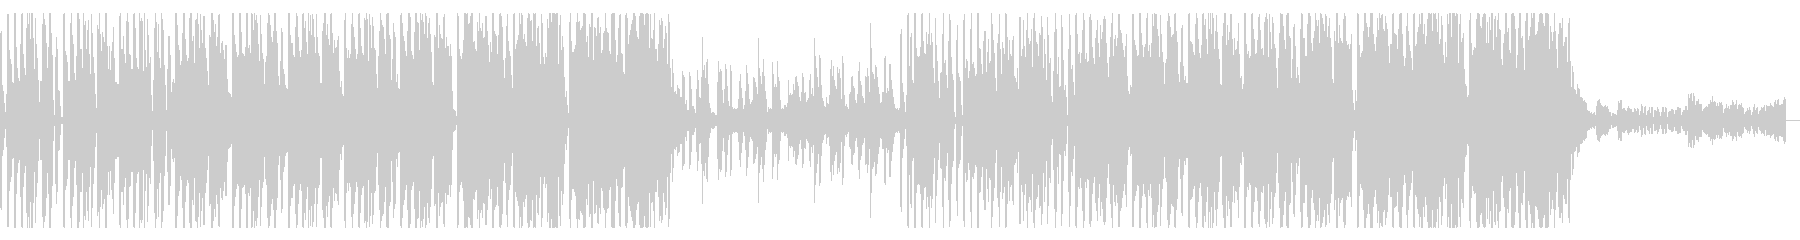 ダンサブルなエレクトロディスコ曲の未再生の波形